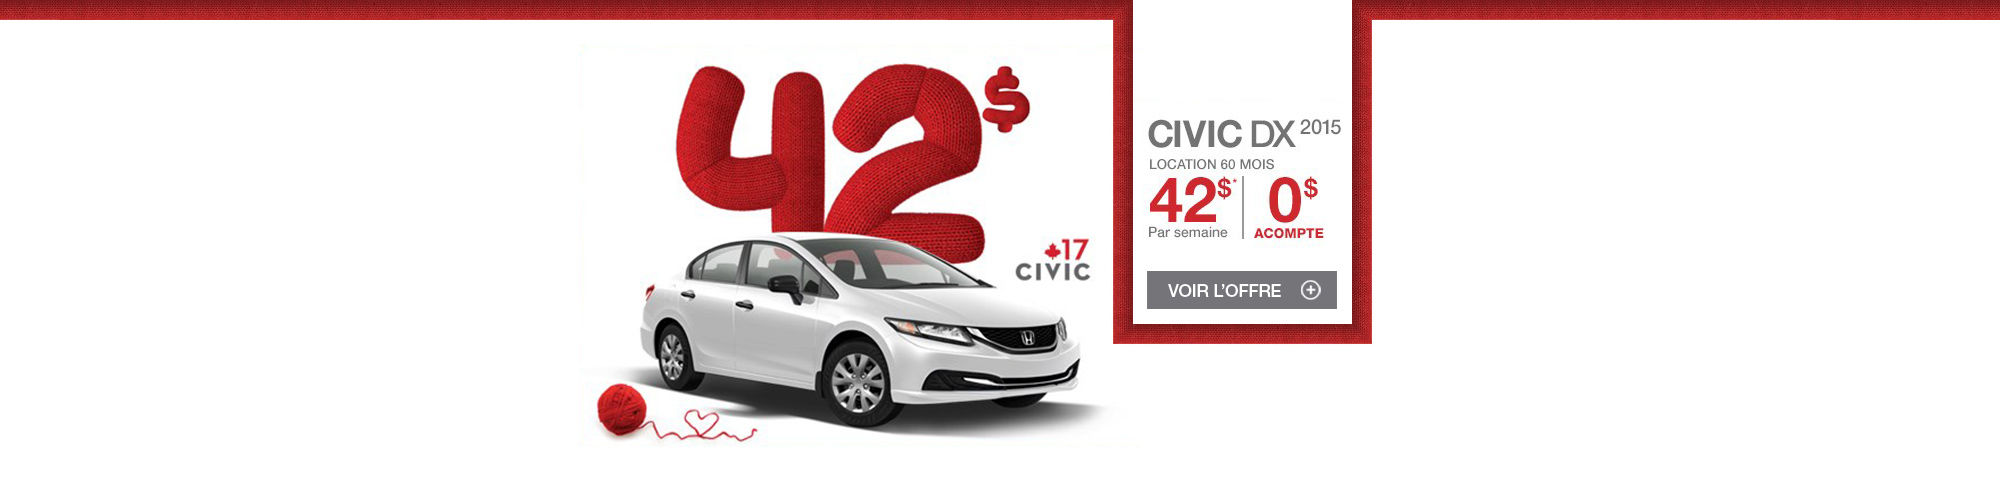 Louez votre Honda Civic DX 2015 à partir de 42$ par semaine